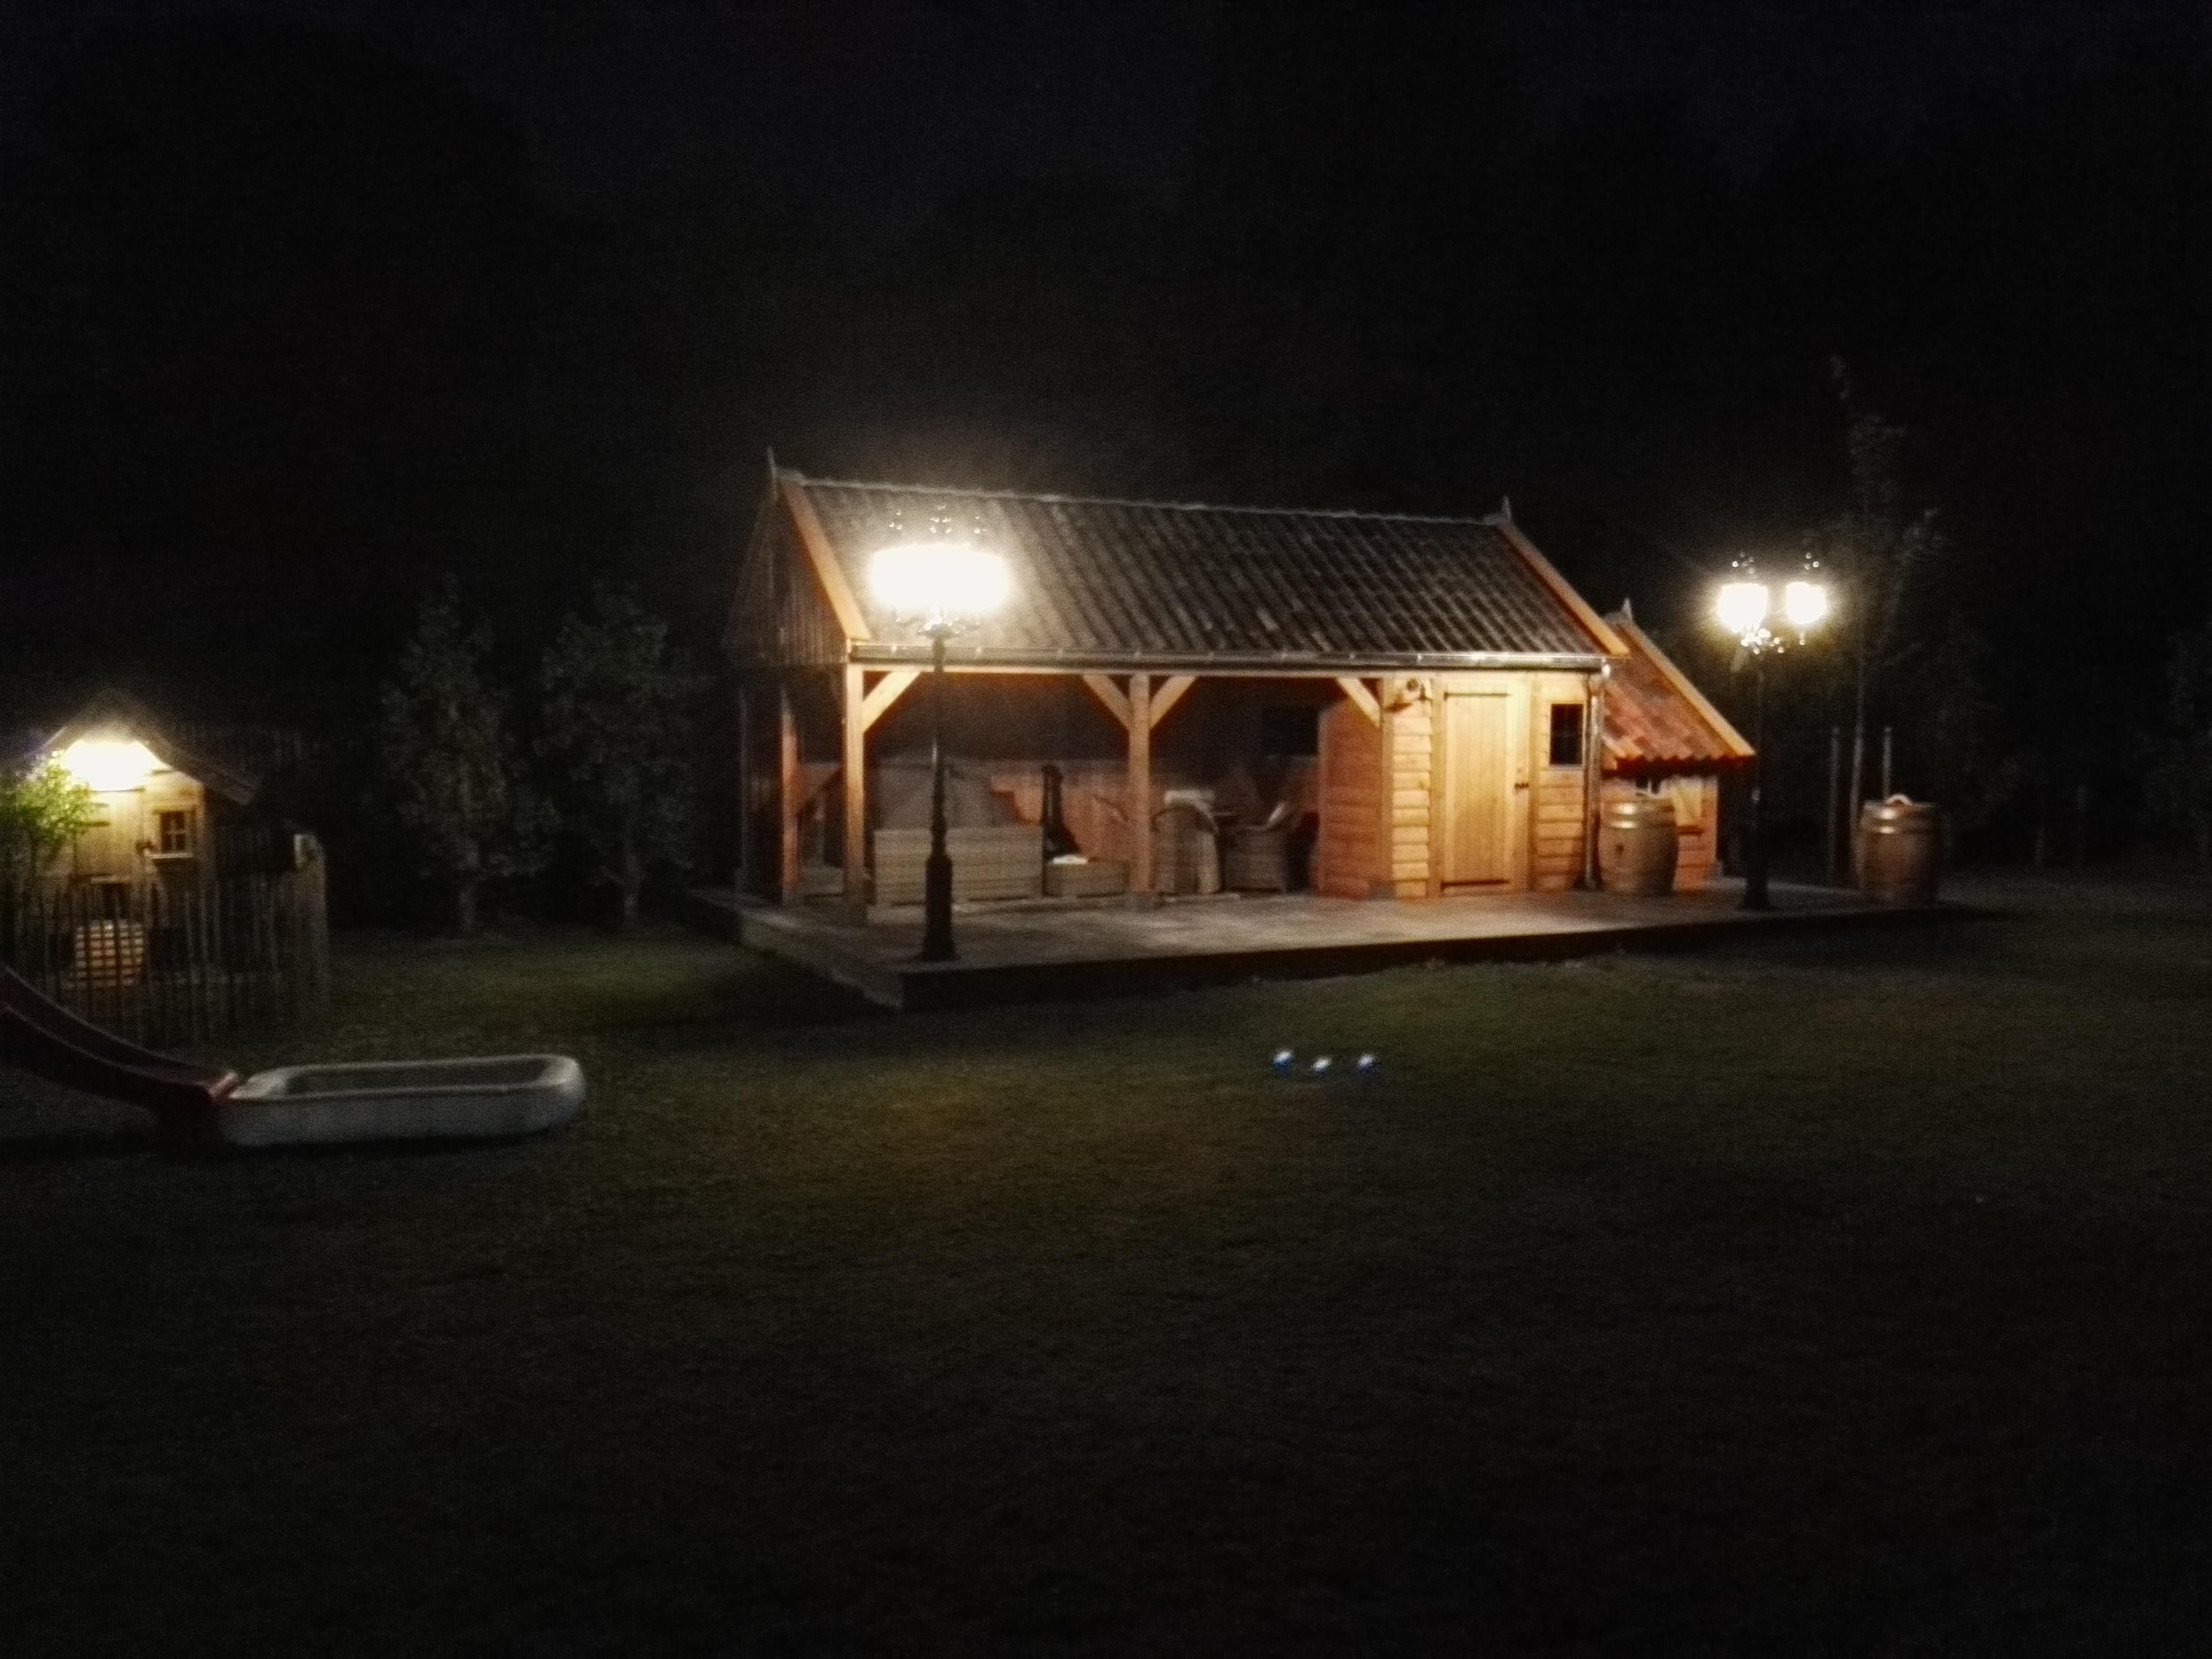 tuinkamer_6 - Luxe houten bijgebouw met riante tuinkamer.